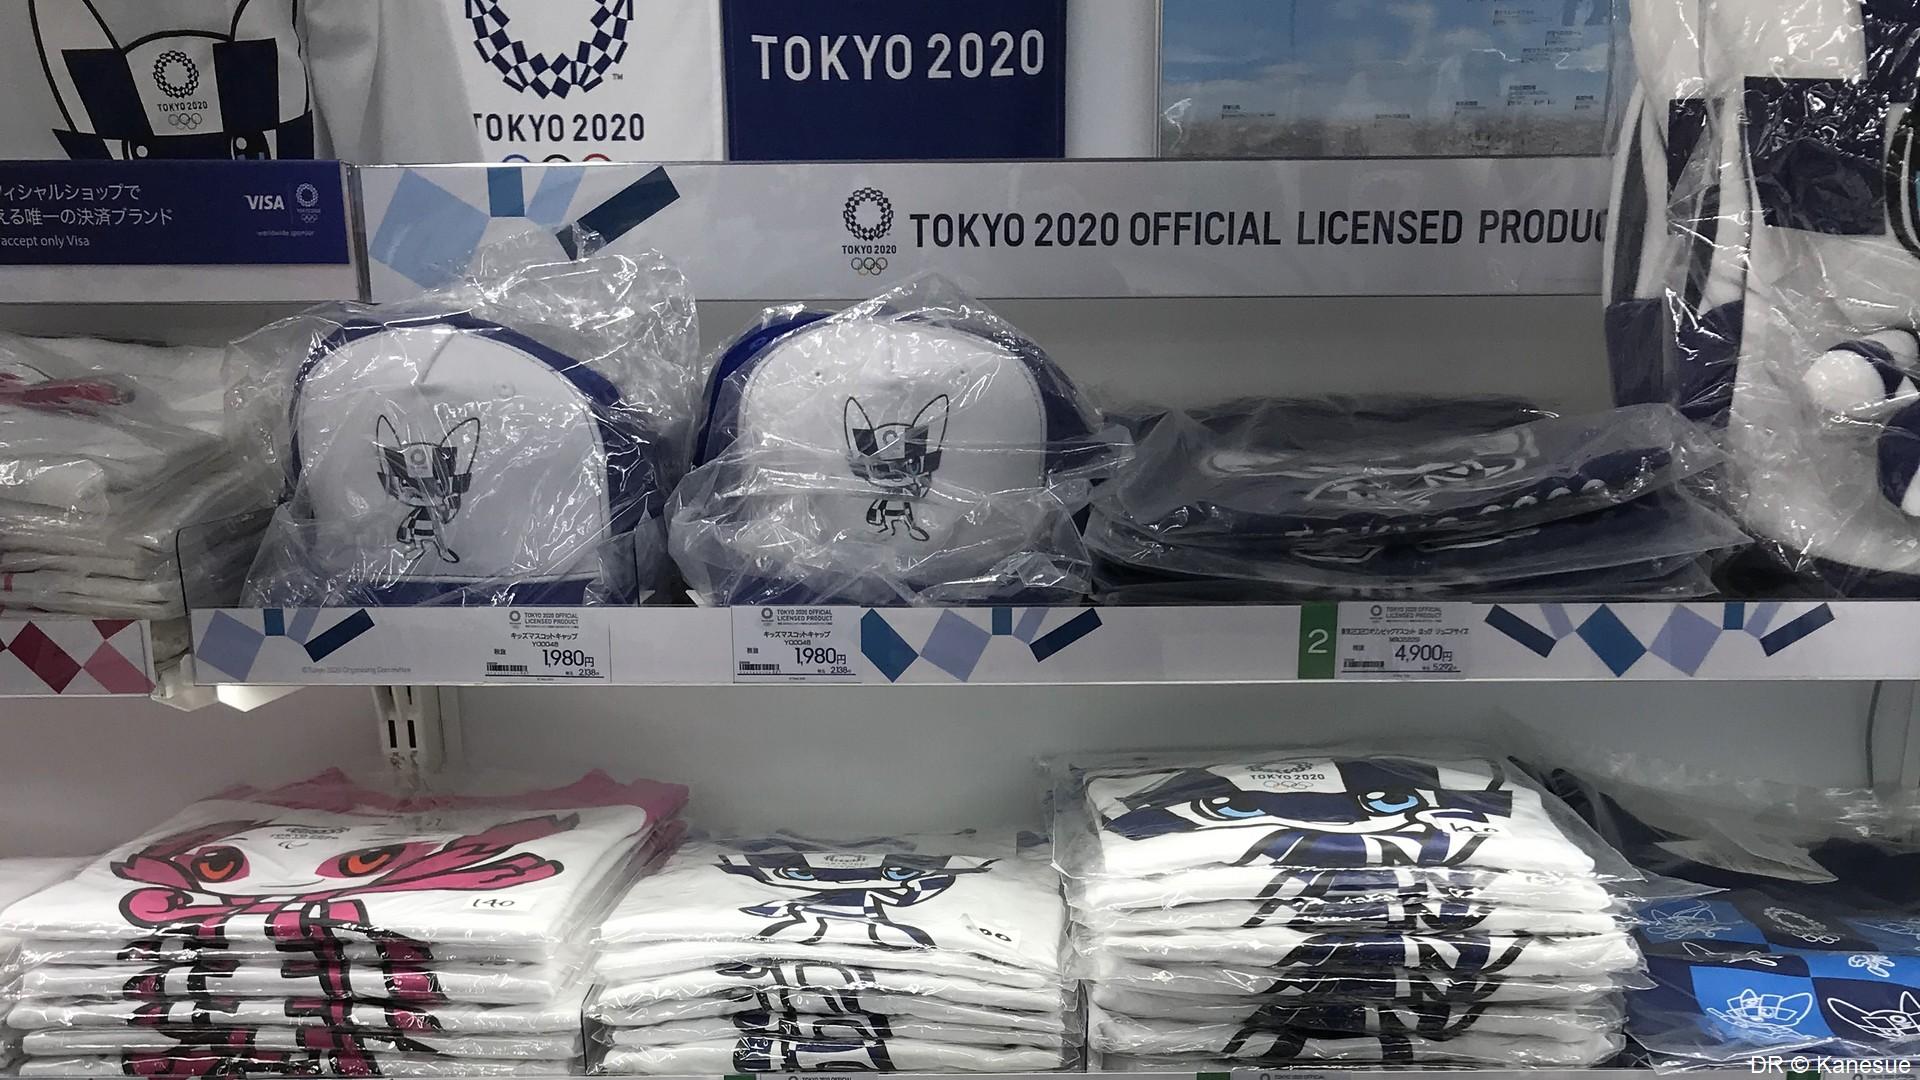 Tokyo 2020 – Merchandising (c)